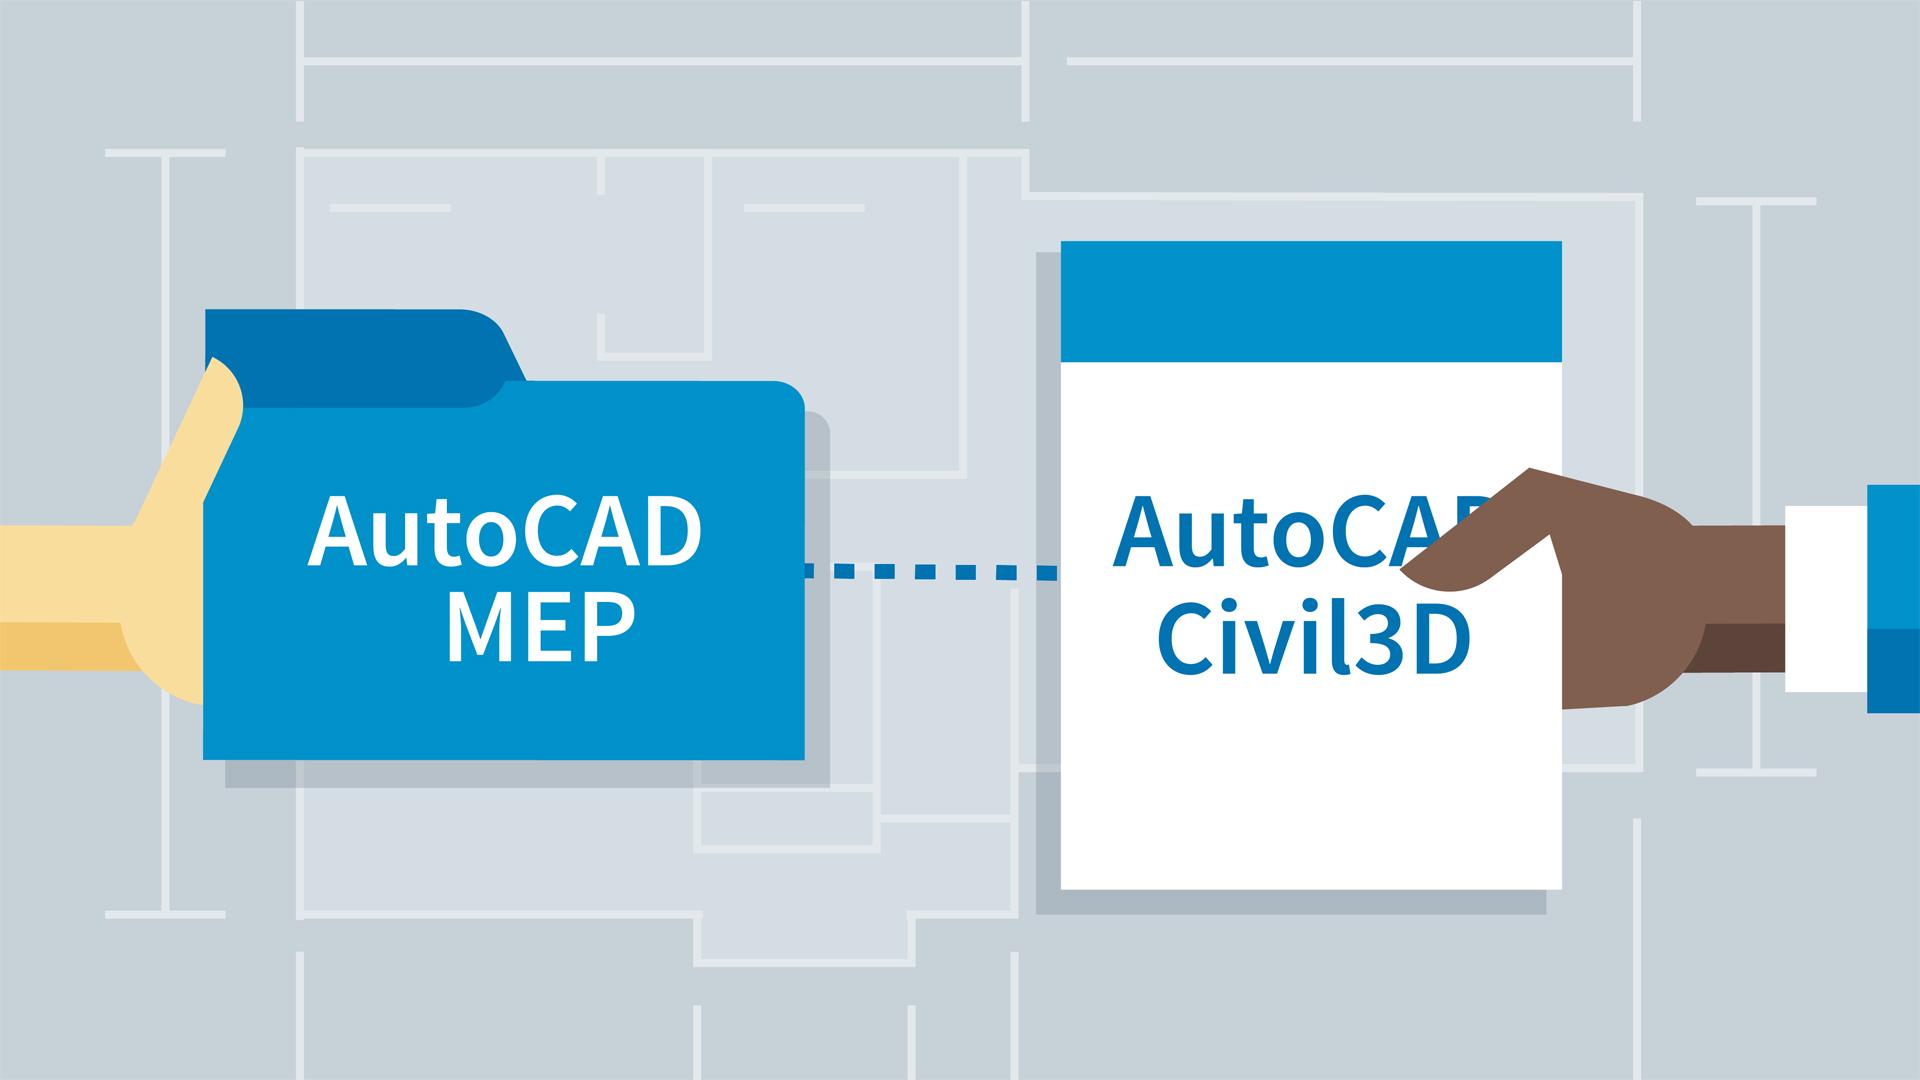 BIM Manager: Managing AutoCAD MEP & AutoCAD Civil 3D